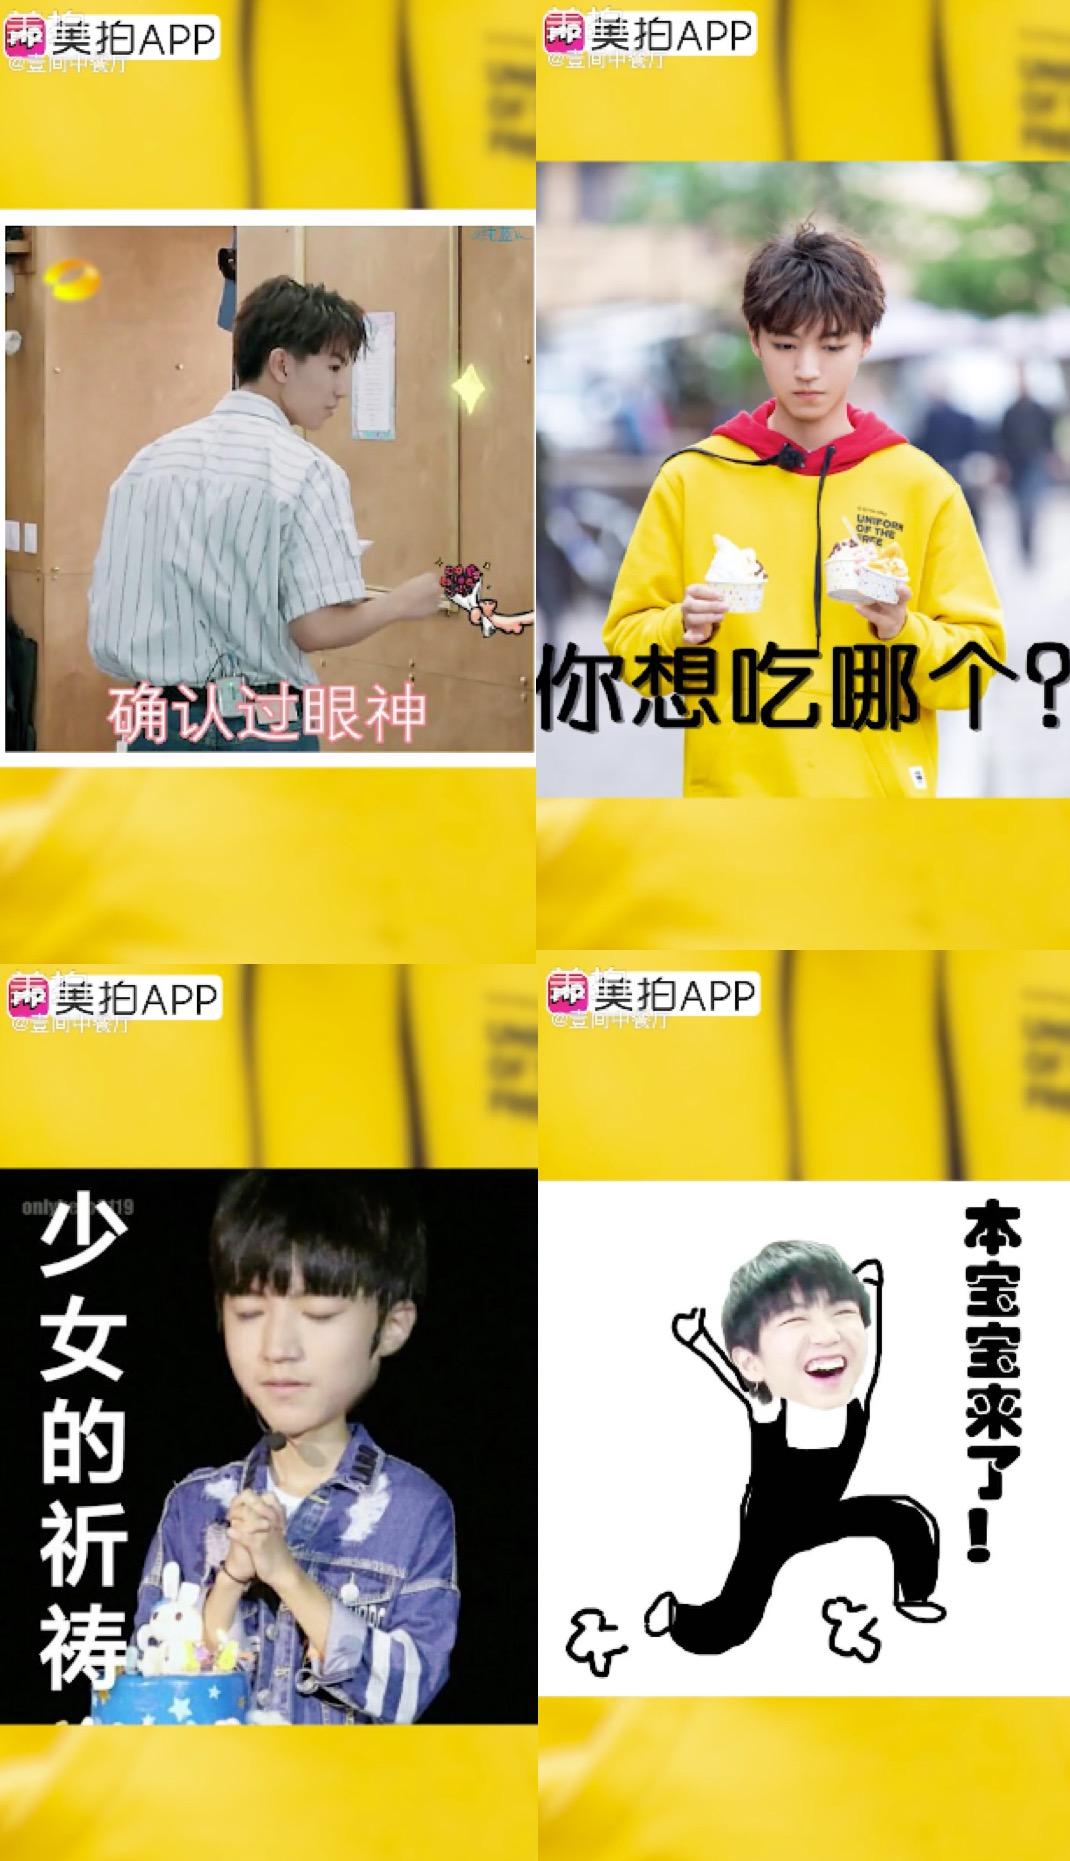 中餐厅2王俊凯秒变表情包粉丝上美拍发同款表情为爱豆应援